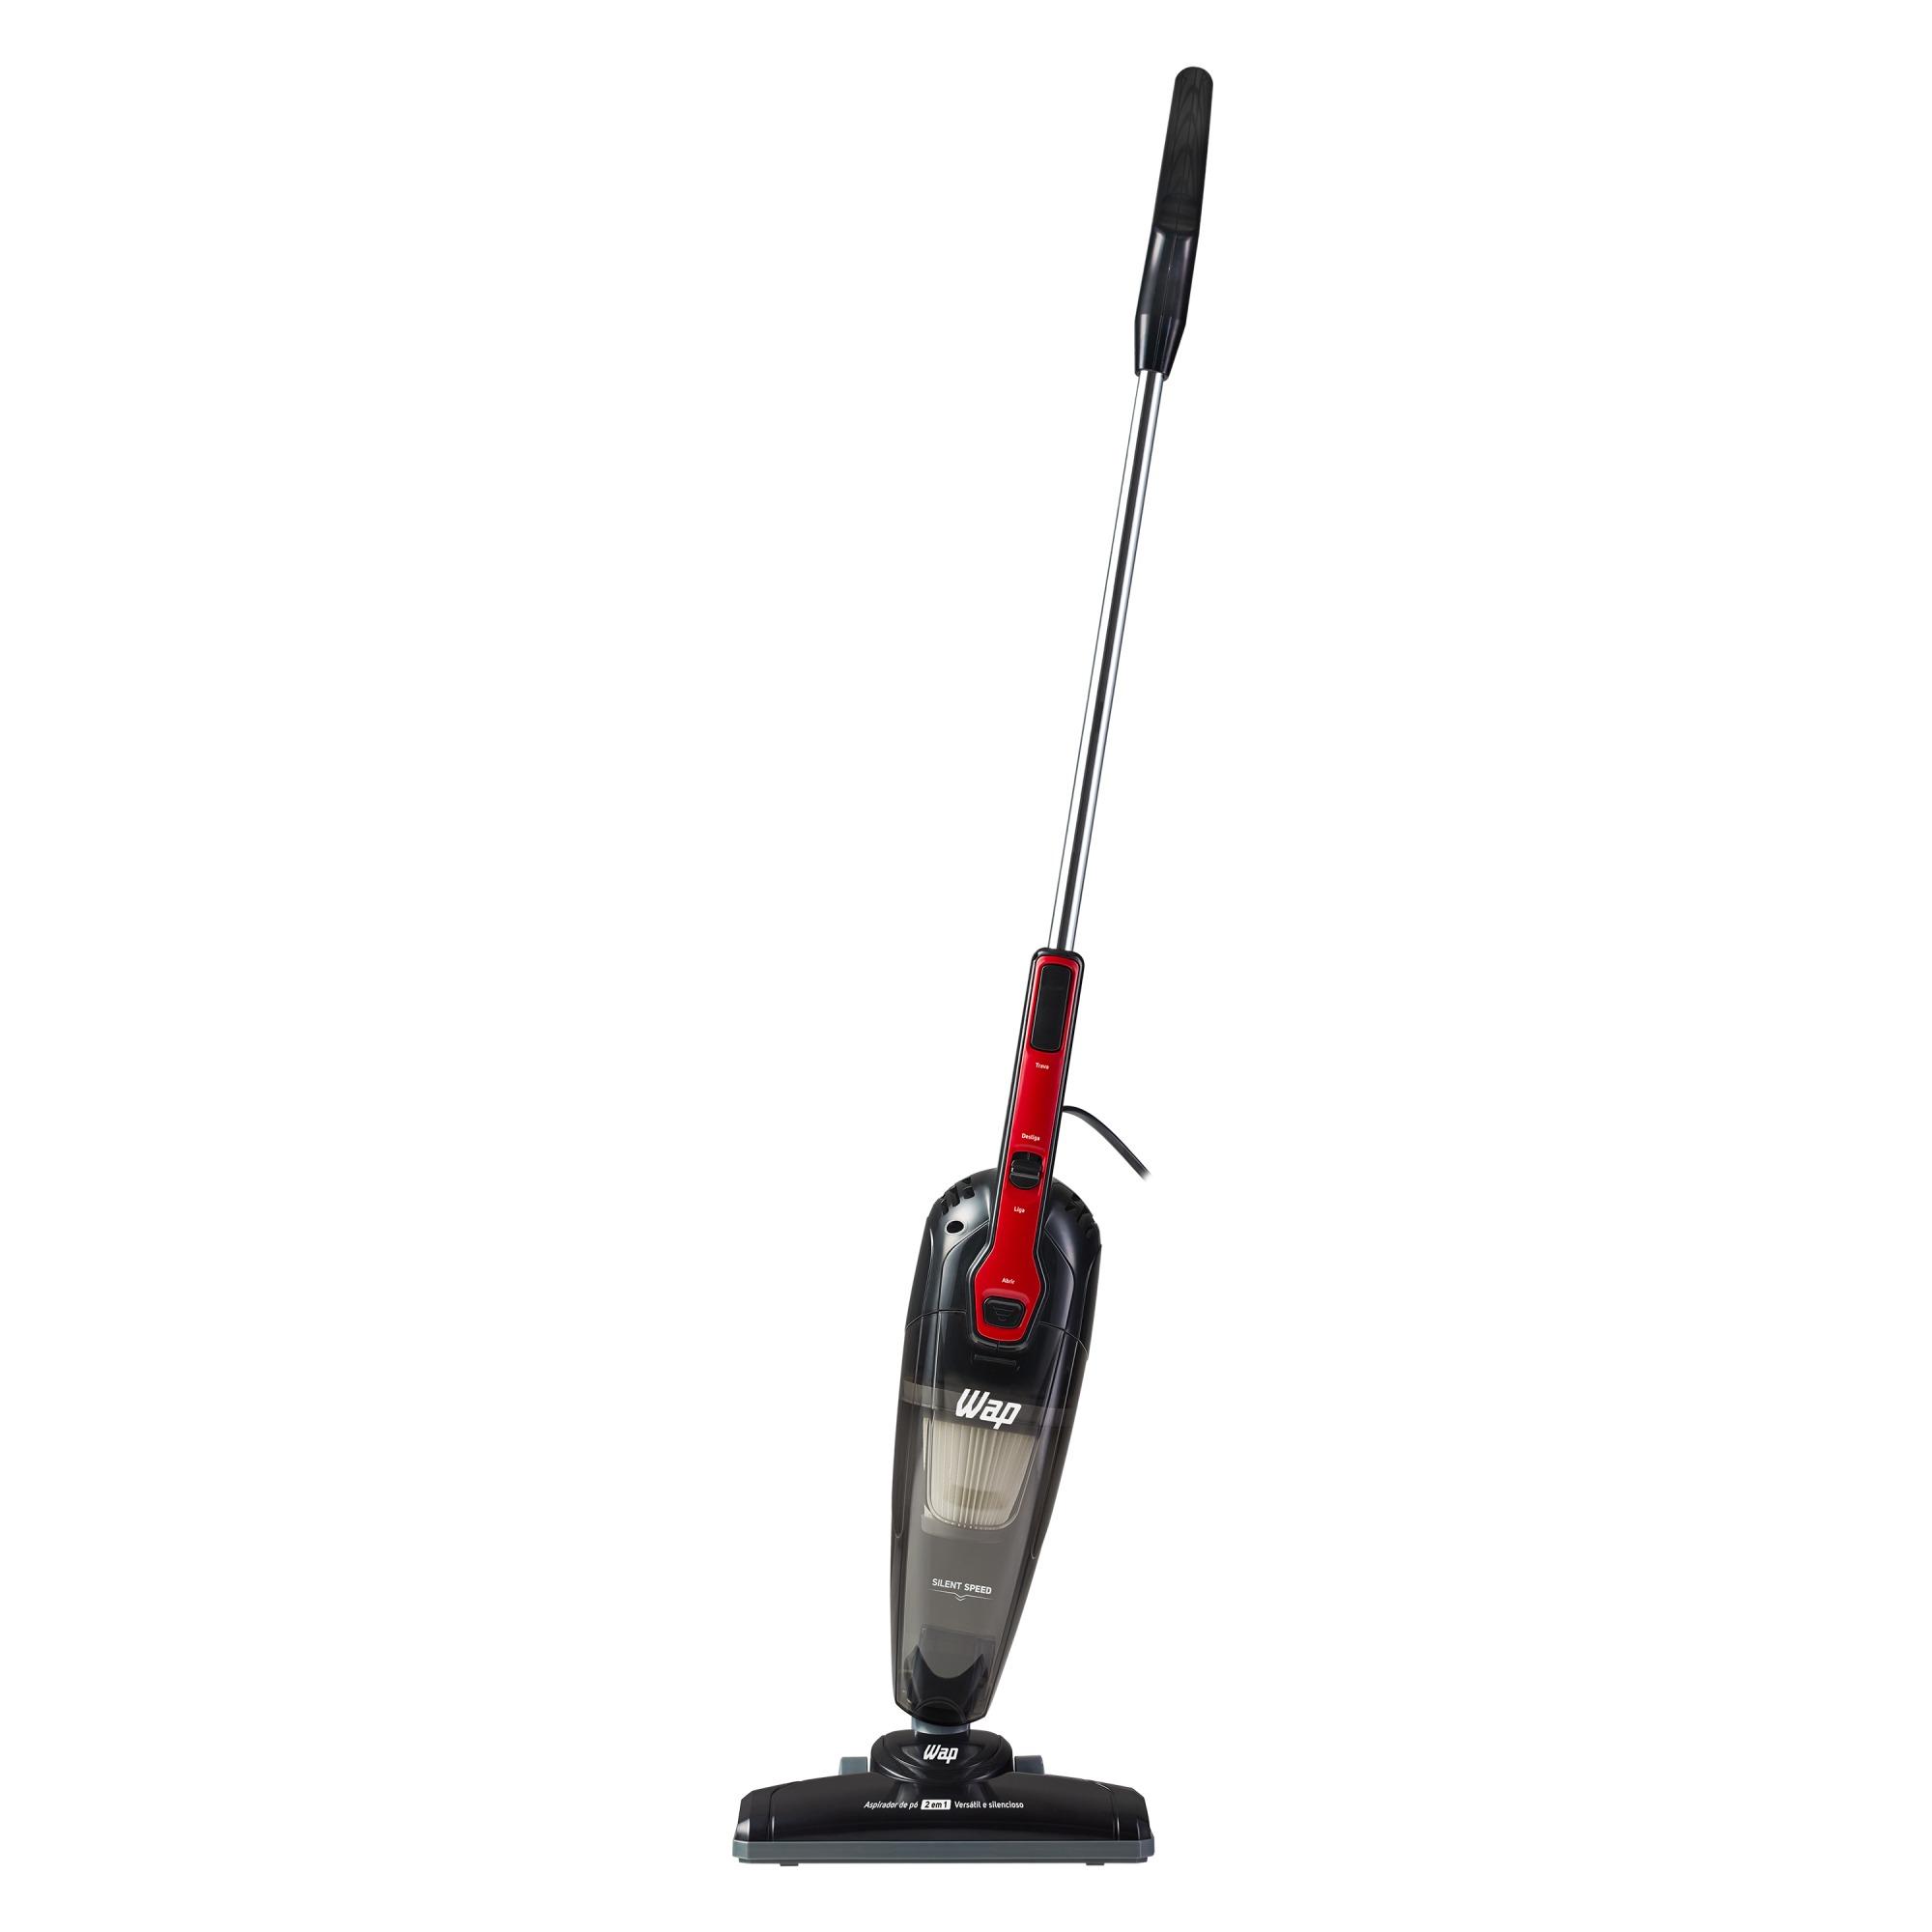 Aspirador de Po Portatil e Vertical 1000W Wap Silent Speed 220V Preto e Vermelho - com Filtro Hepa